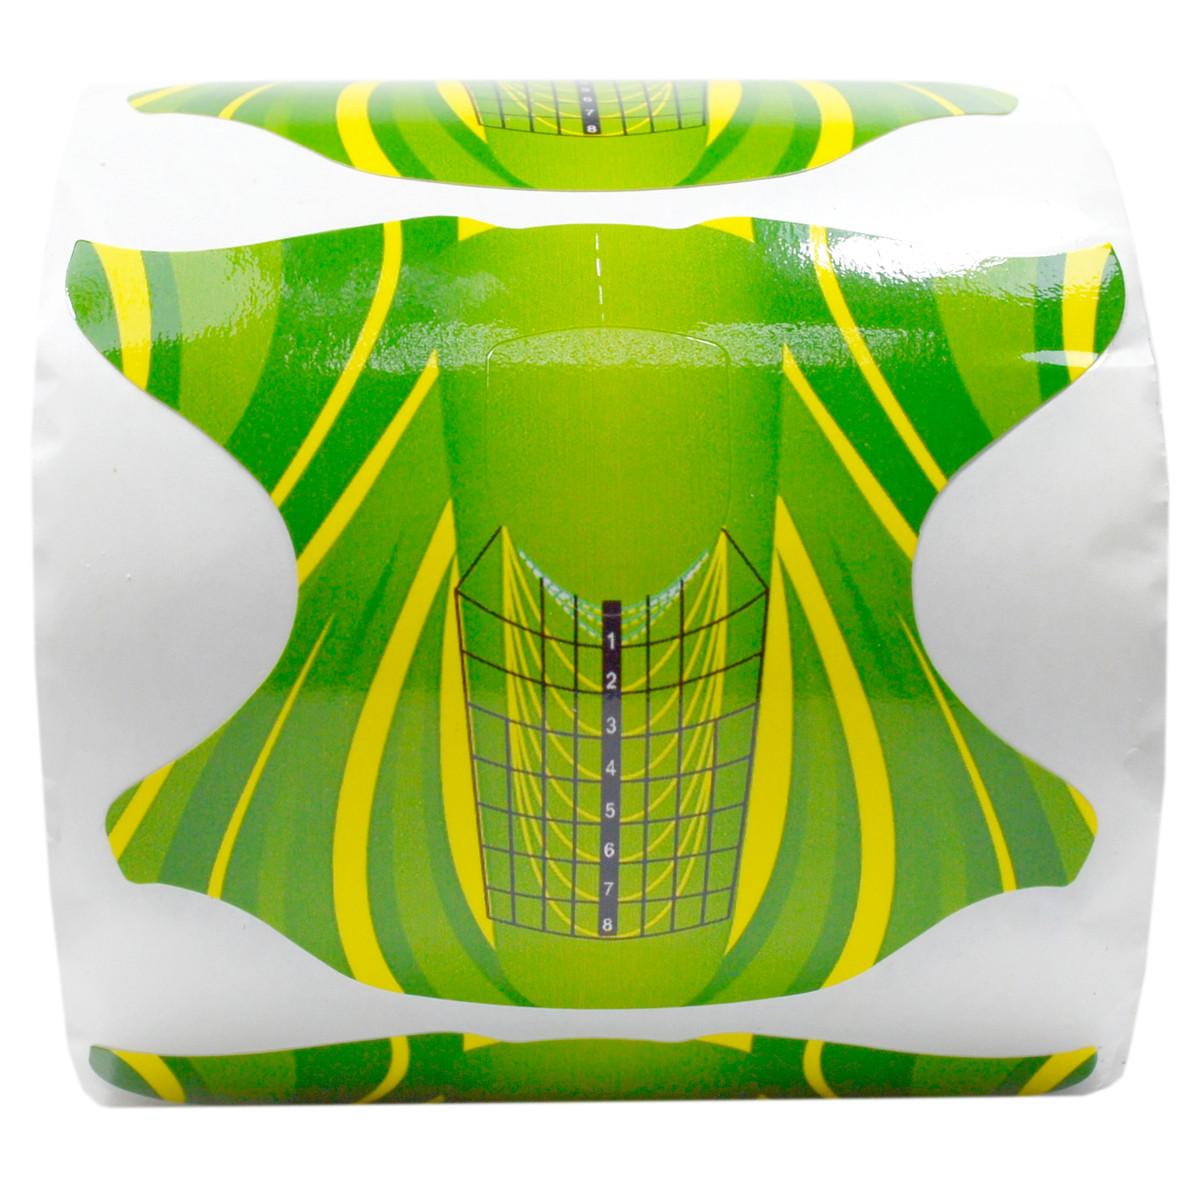 Новинка!Форма для наращивания ногтей(желто-зеленые) 300 штук